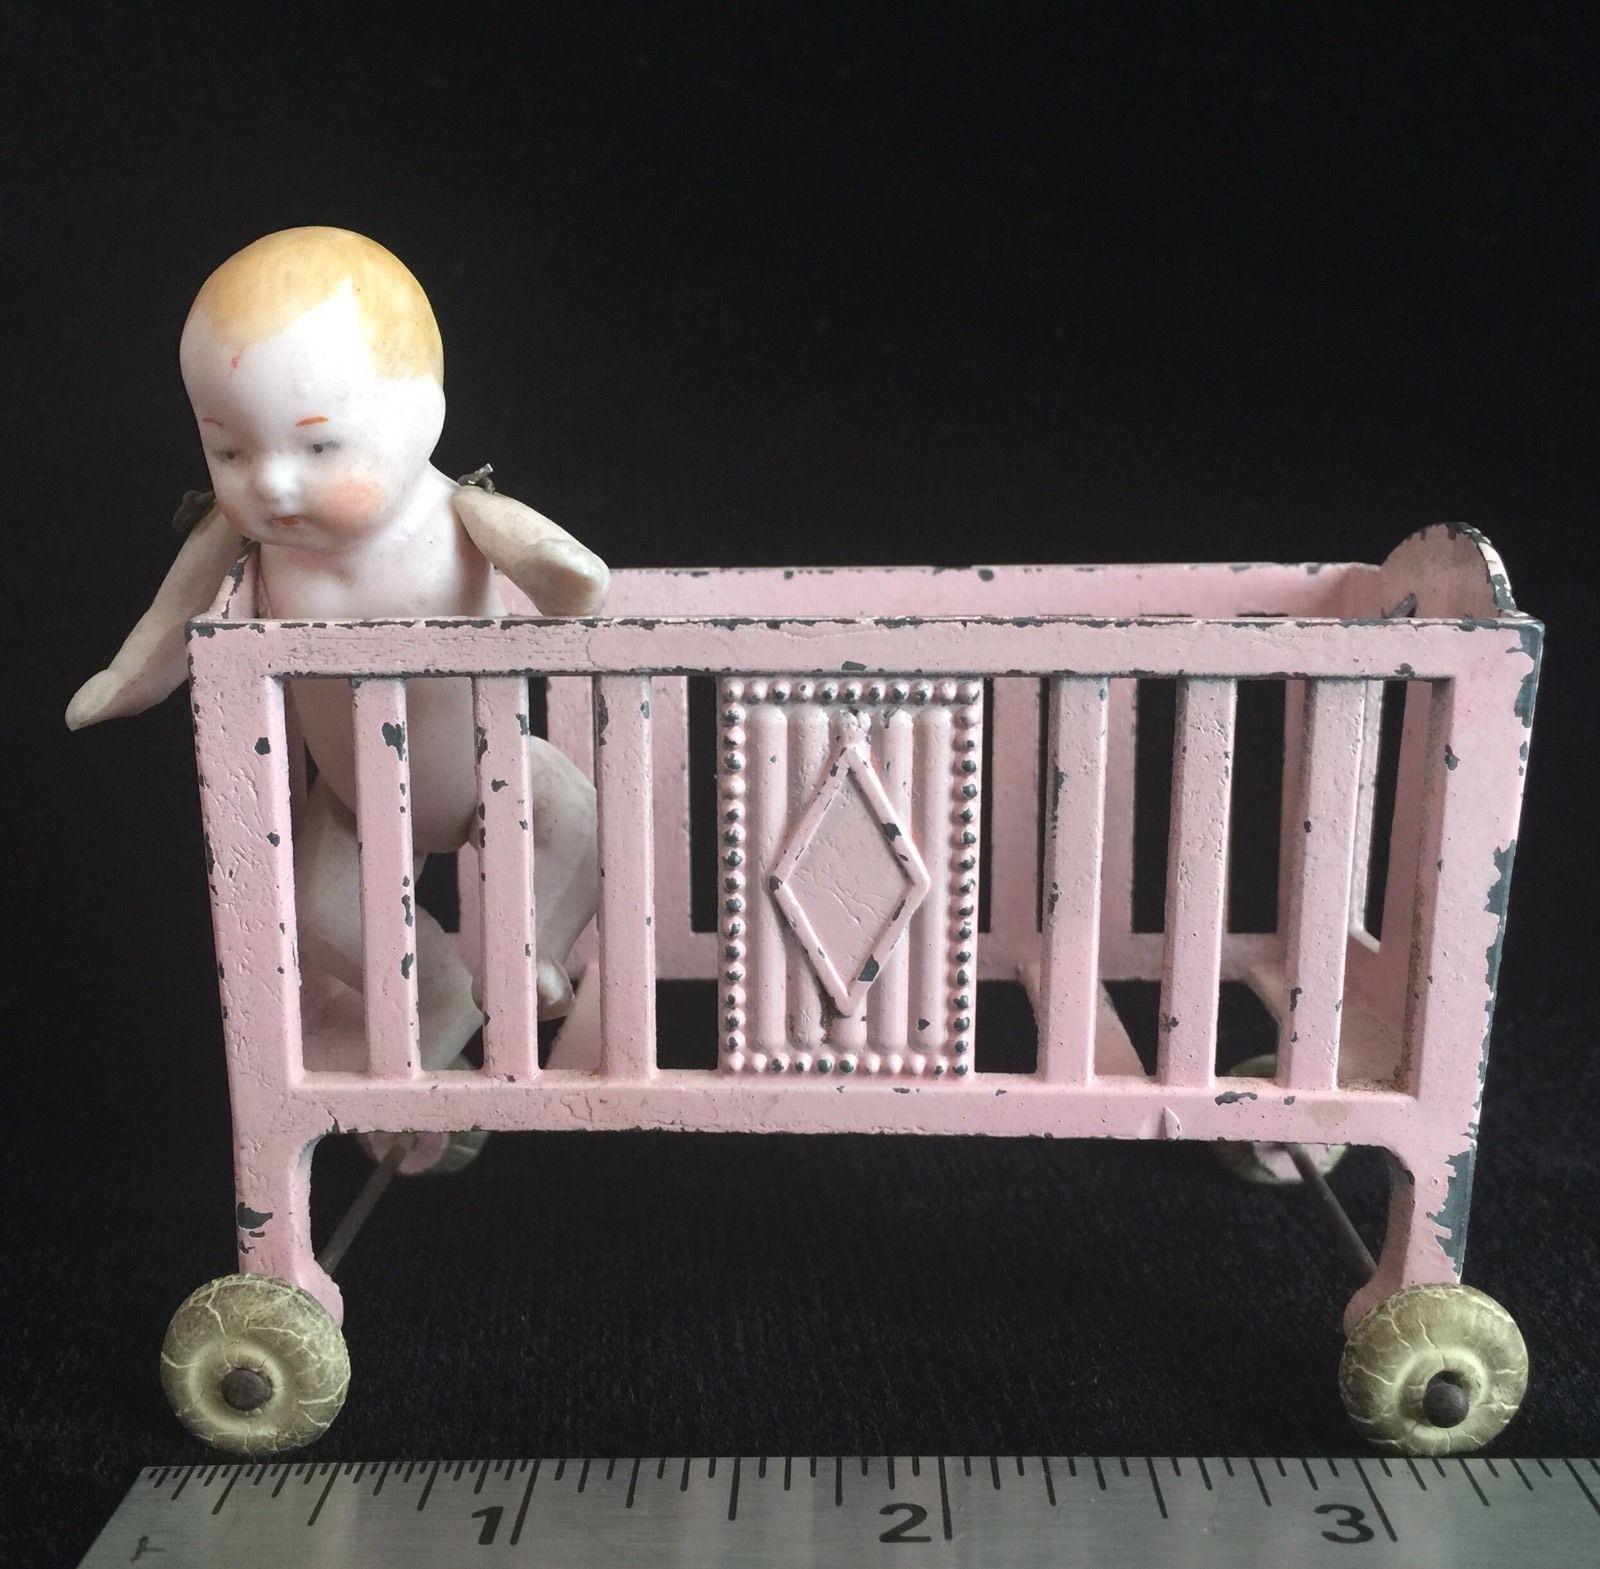 Amazing Antique Tootsie Toy Crib W Super RARE Wheels Bisque Articulated Doll  | EBay